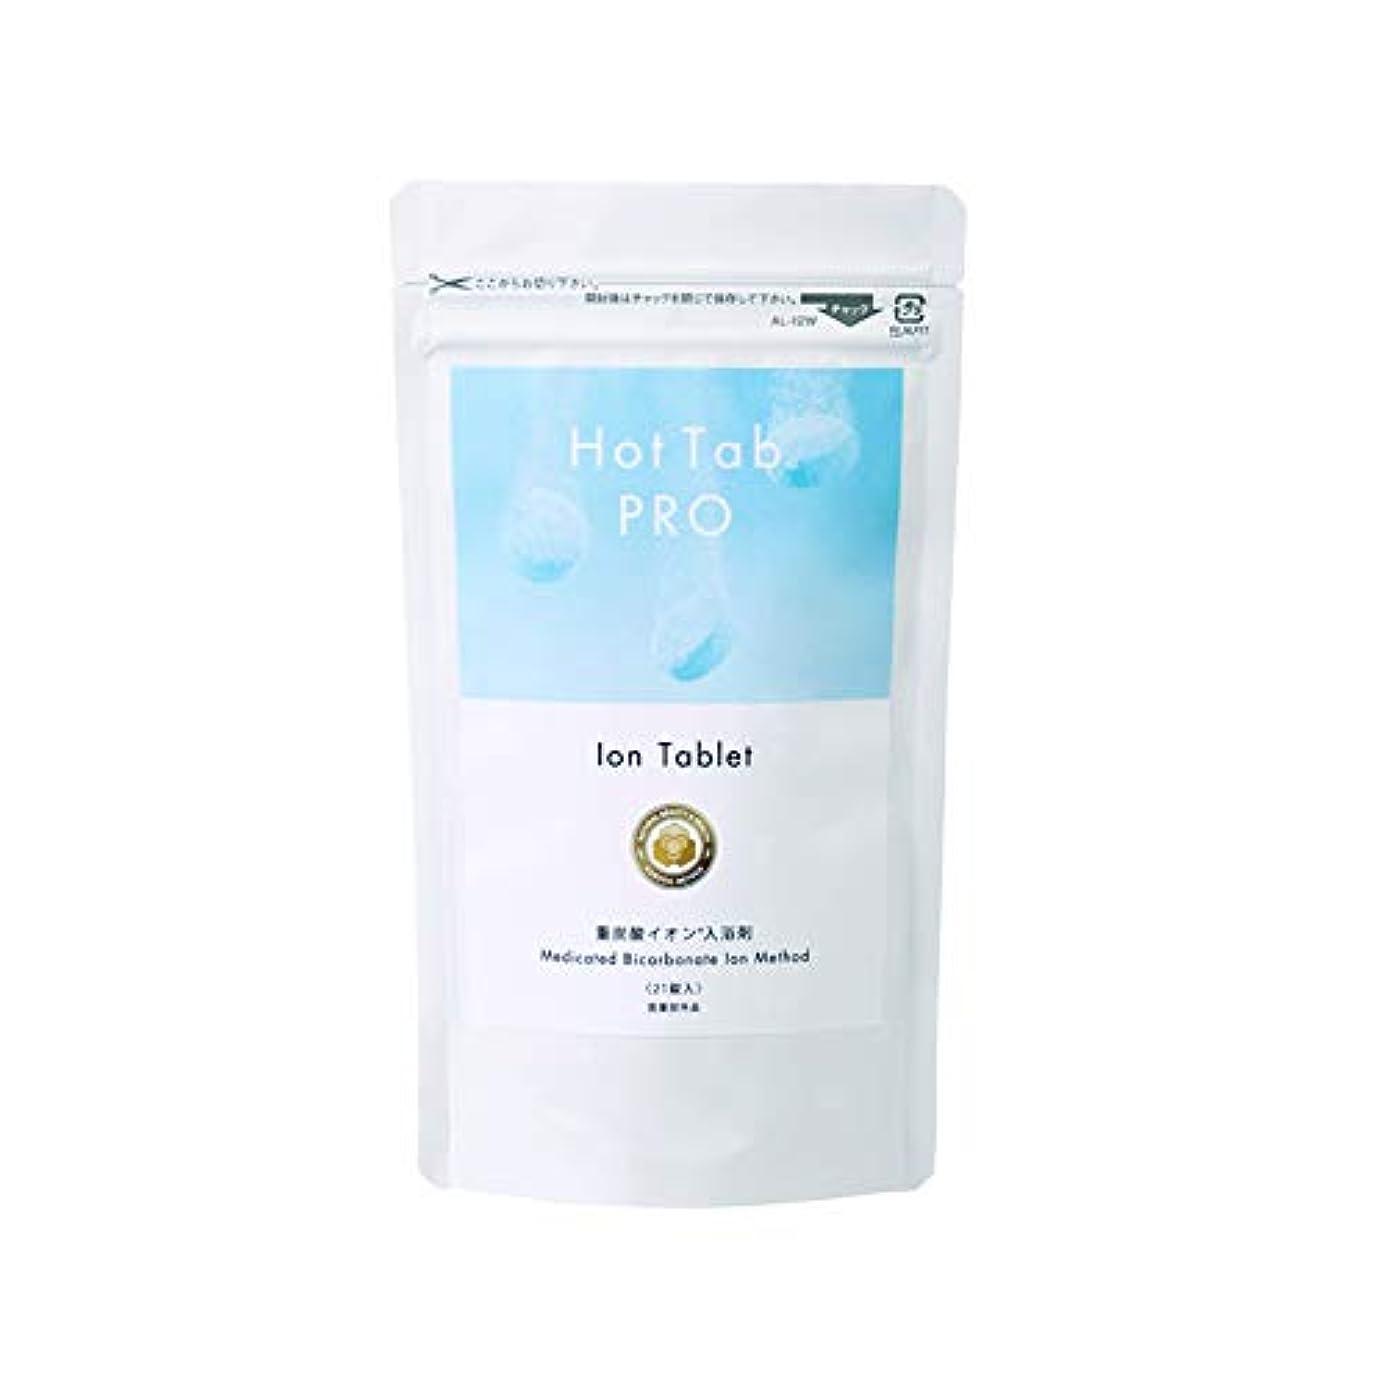 花嫁ソブリケット生最新型 日本製なめらか重炭酸入浴剤「ホットタブPro」(デリケートな肌でも安心 無香料 無着色 中性pH) (21錠セット)